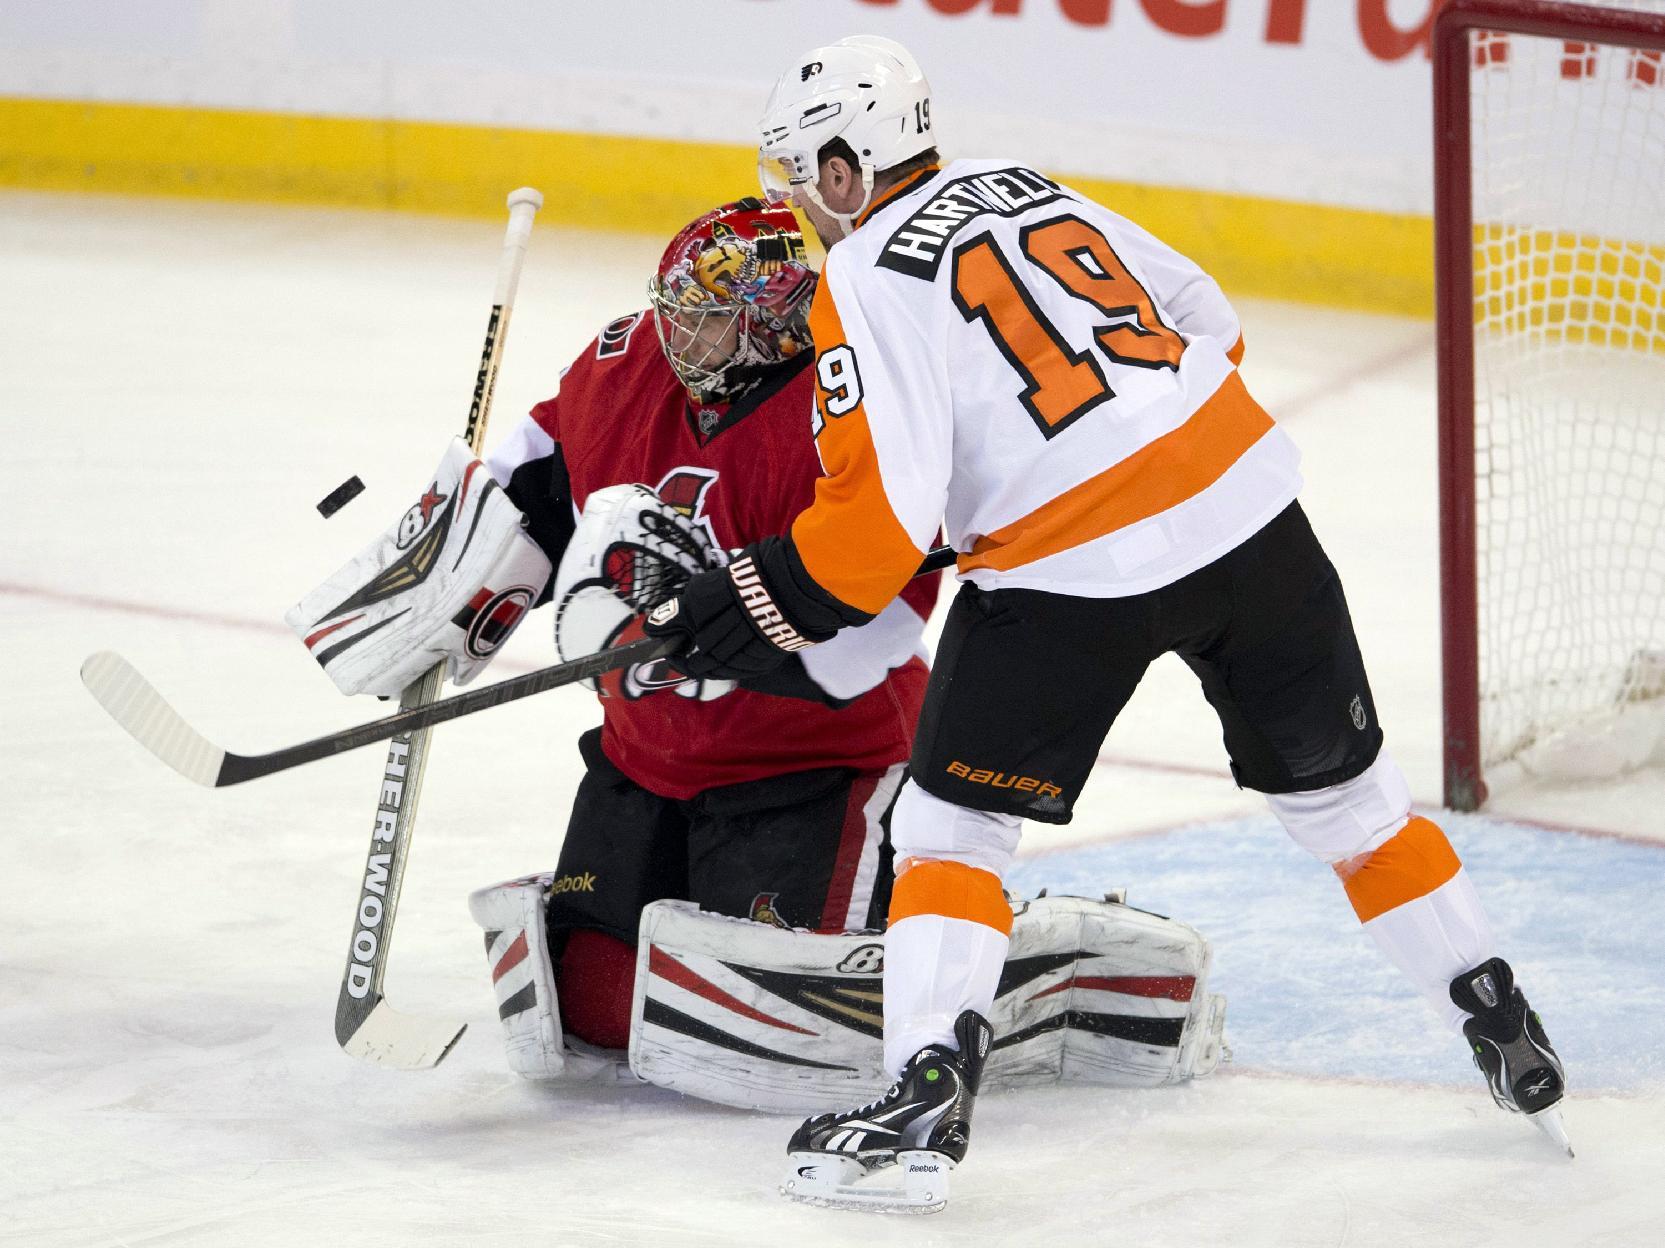 Flyers shut out Senators 5-0